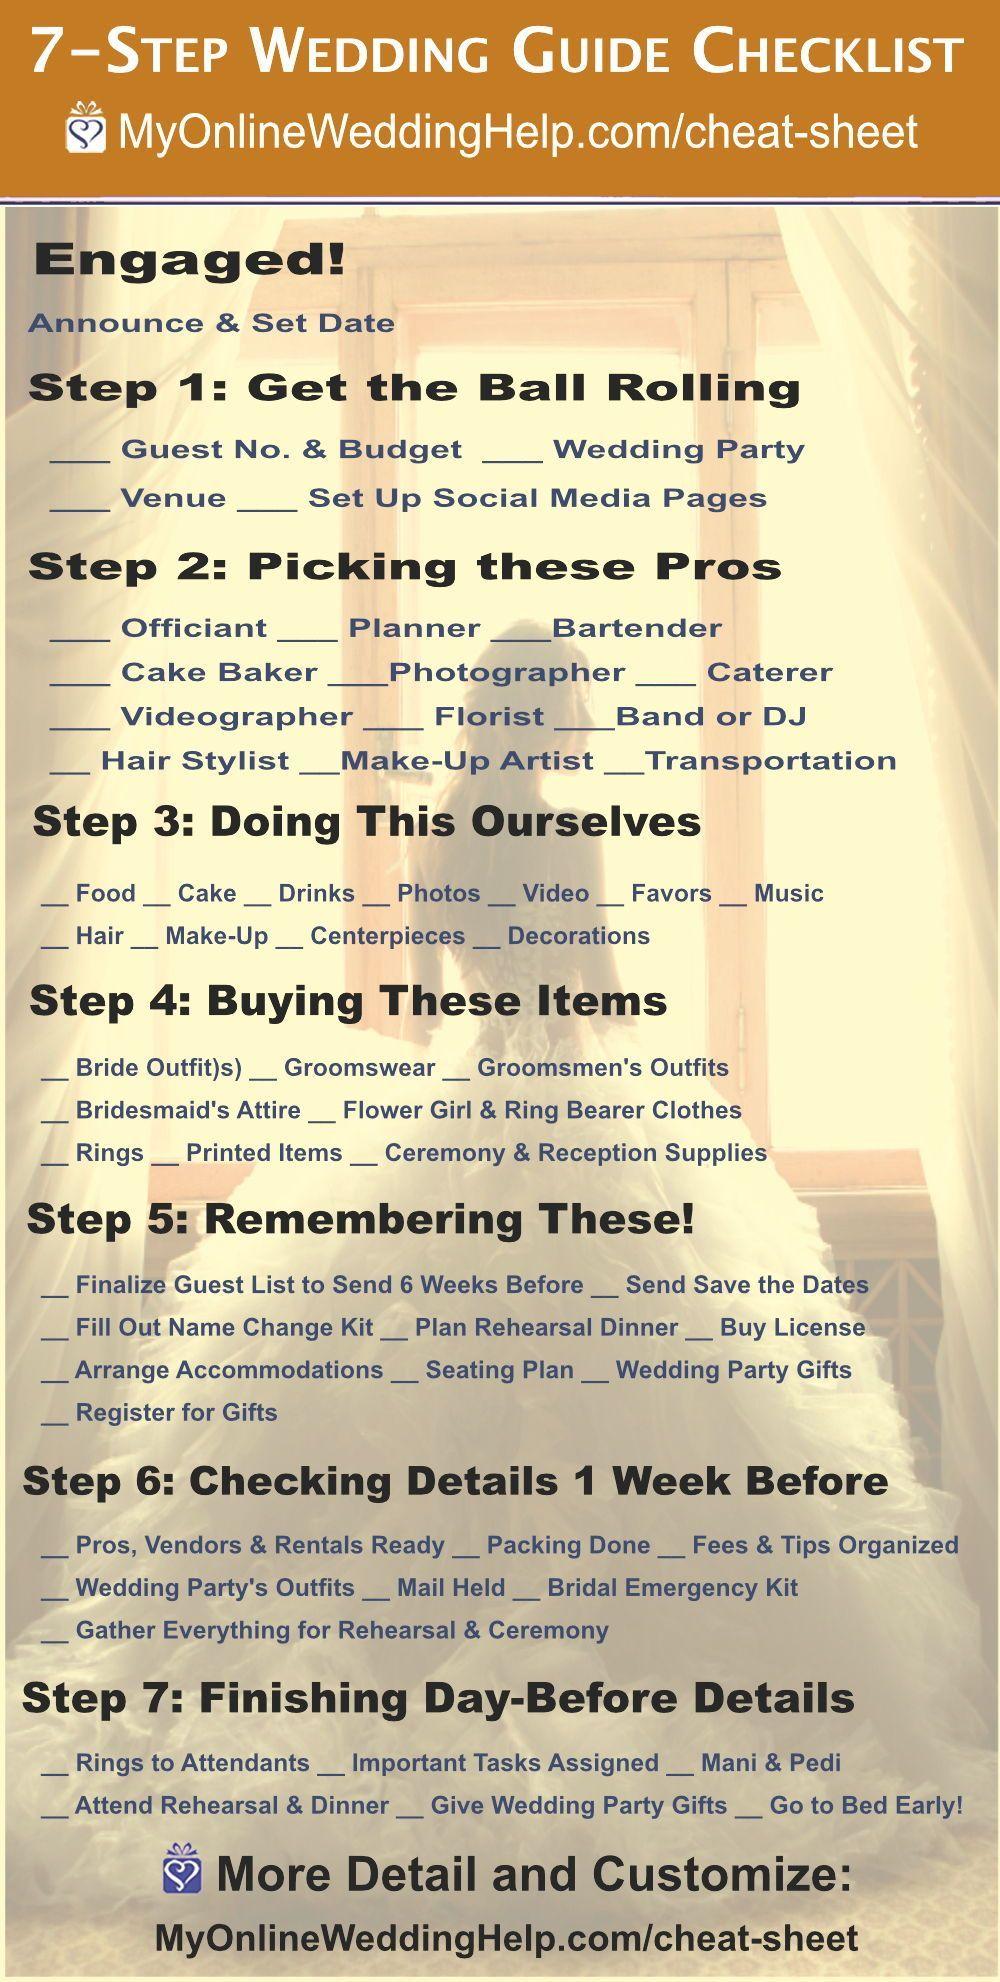 7 Step Wedding Guide Checklist And Printable Cheat Sheet Wedding Guide Checklist Wedding Planning Checklist Printable Wedding Planning Checklist Free Printable